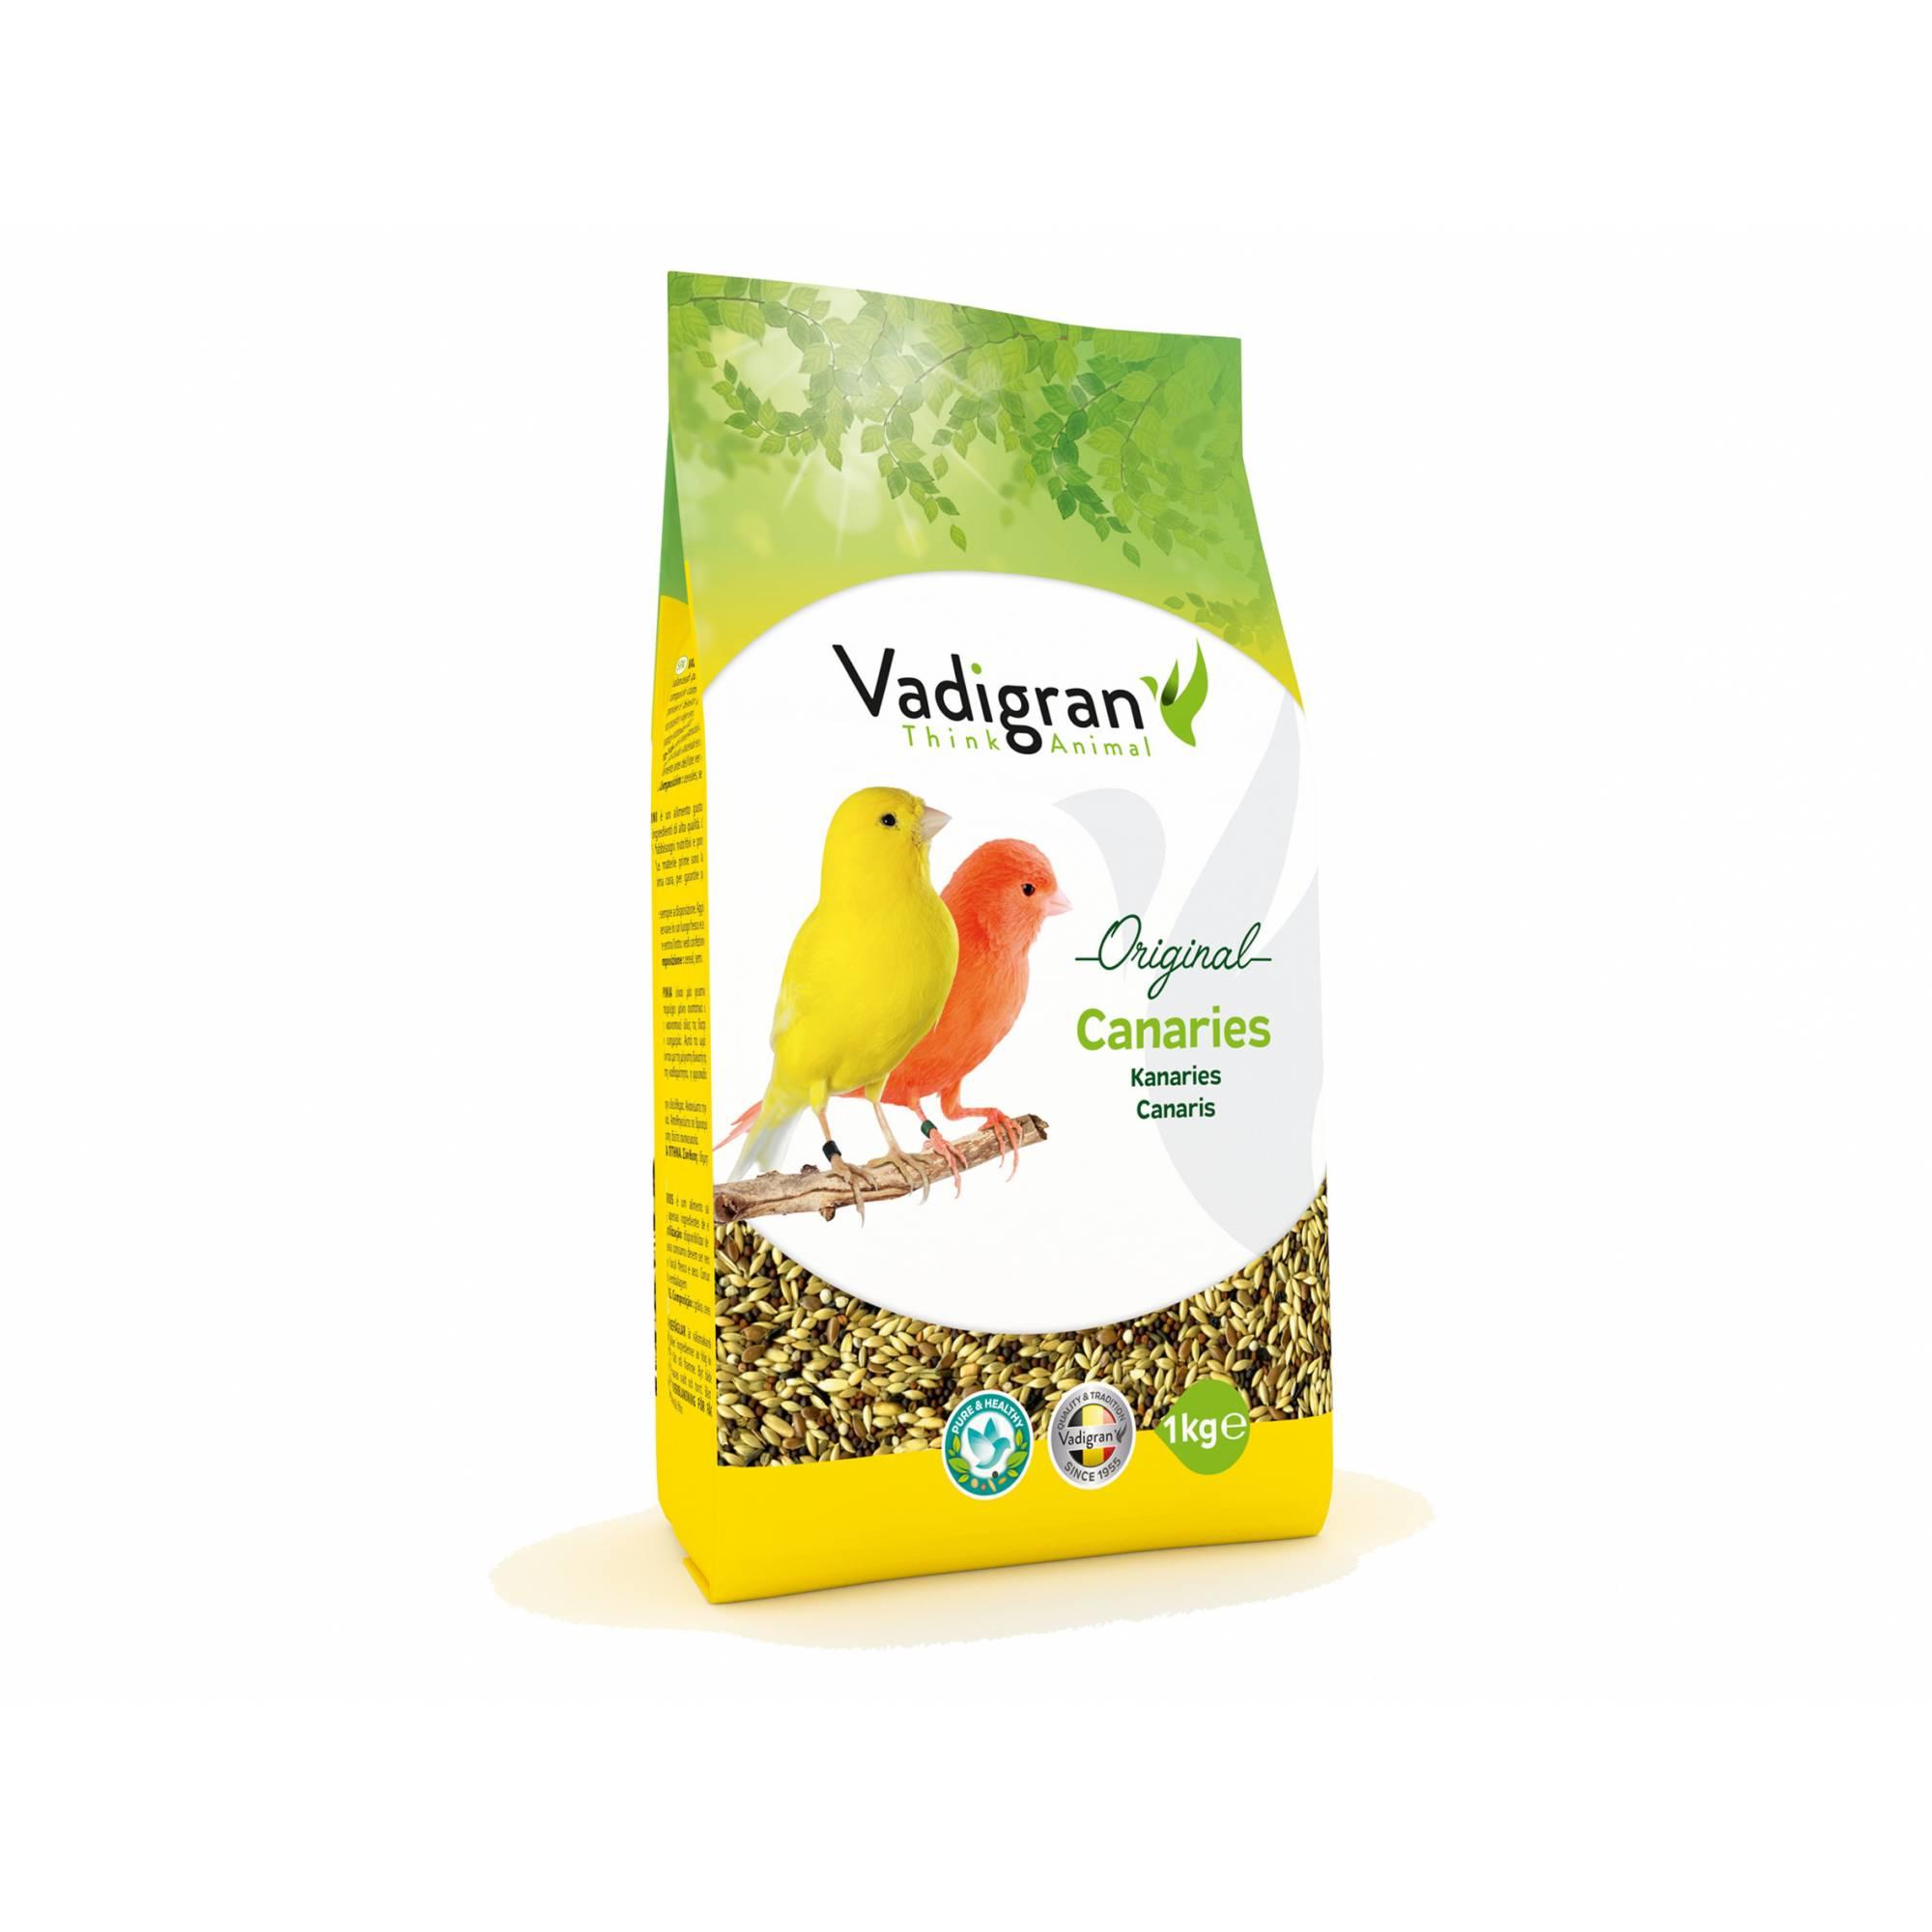 Vadigran Original Canaries 1kg